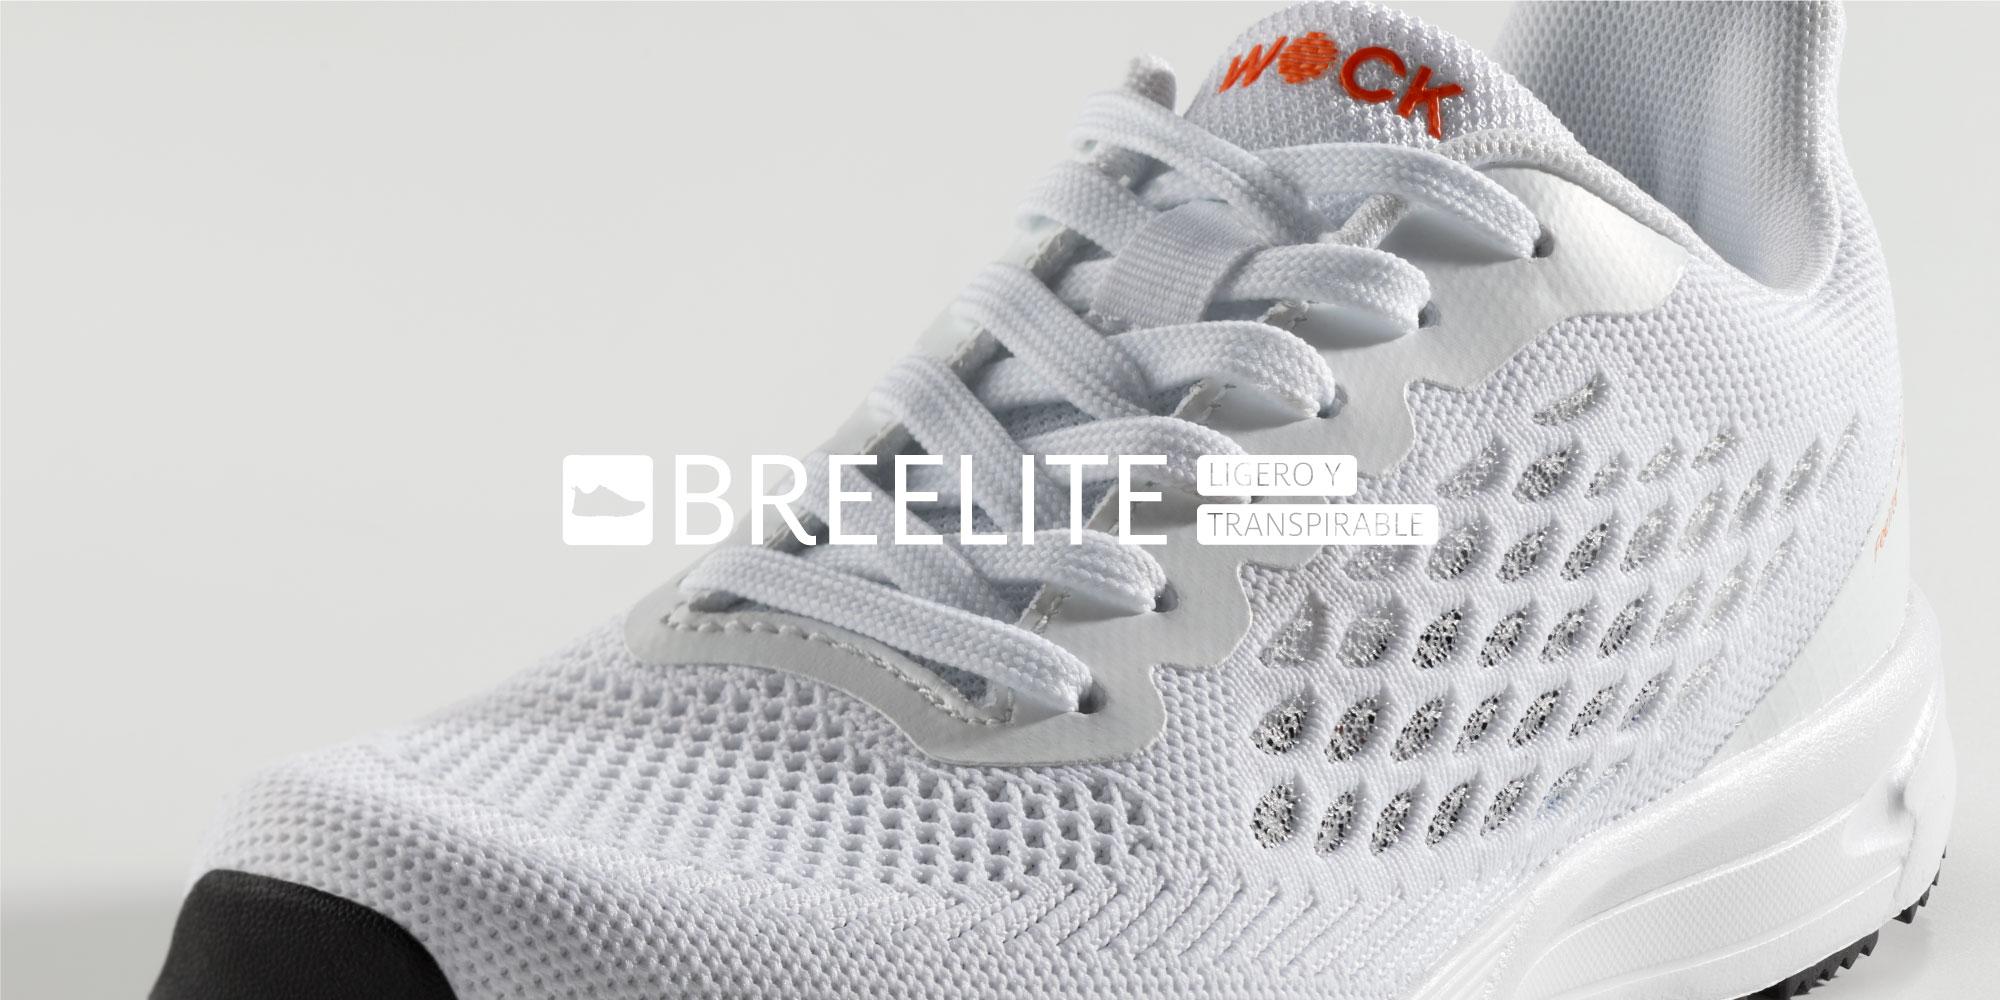 Zapatillas de trabajo ligero y transpirable